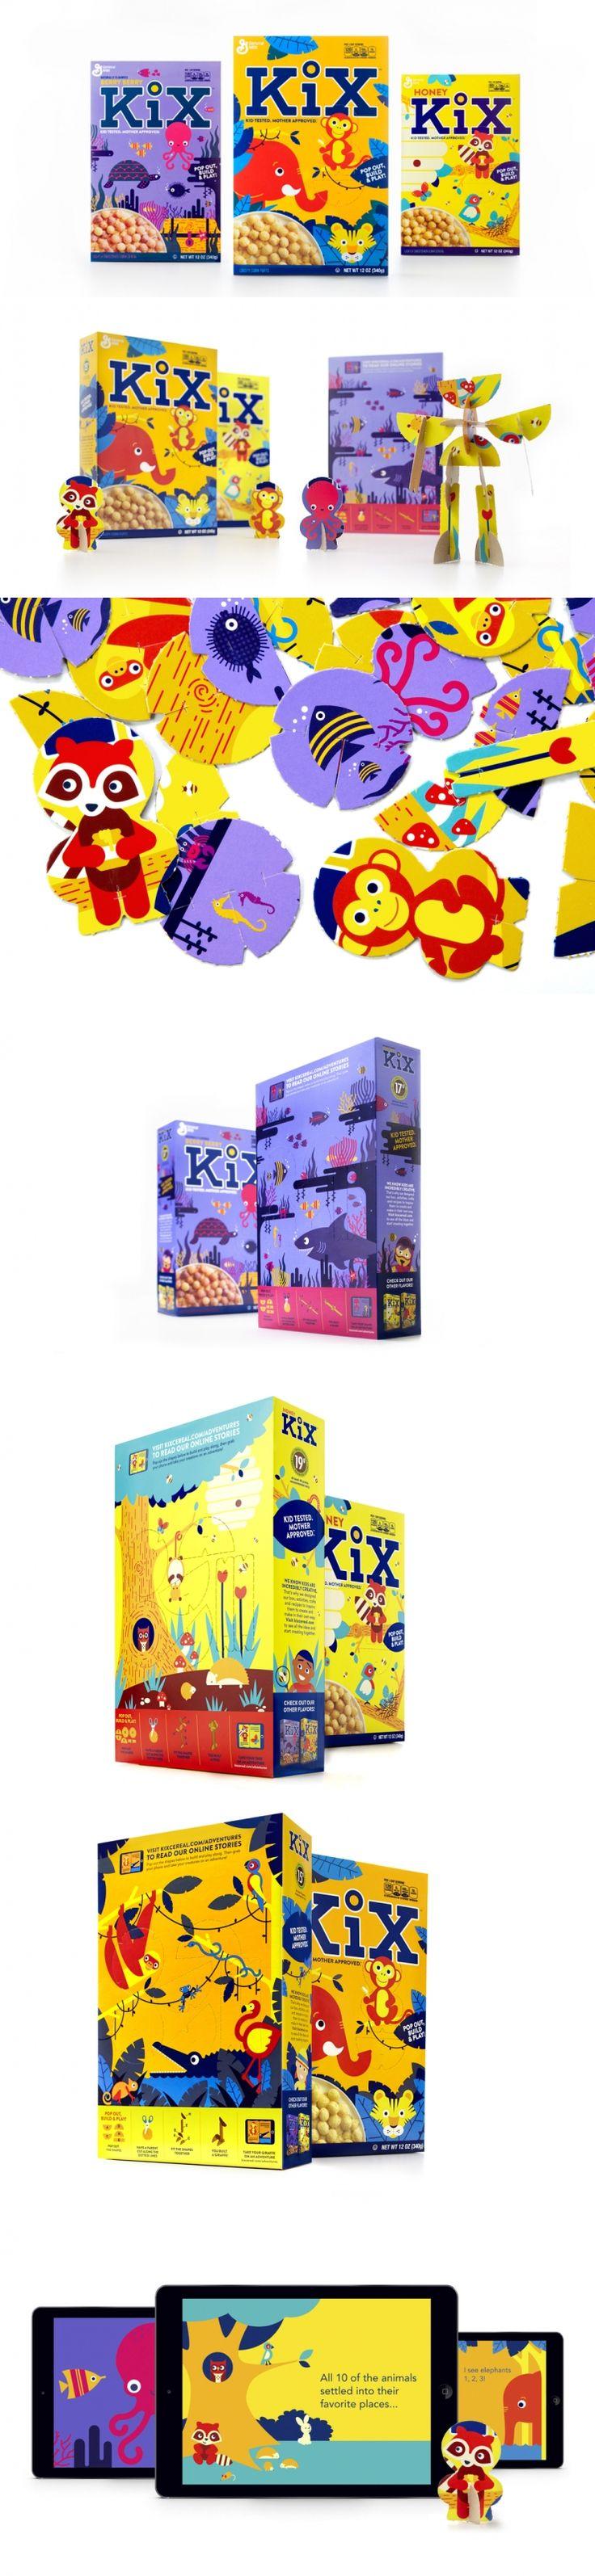 Kix Cereal